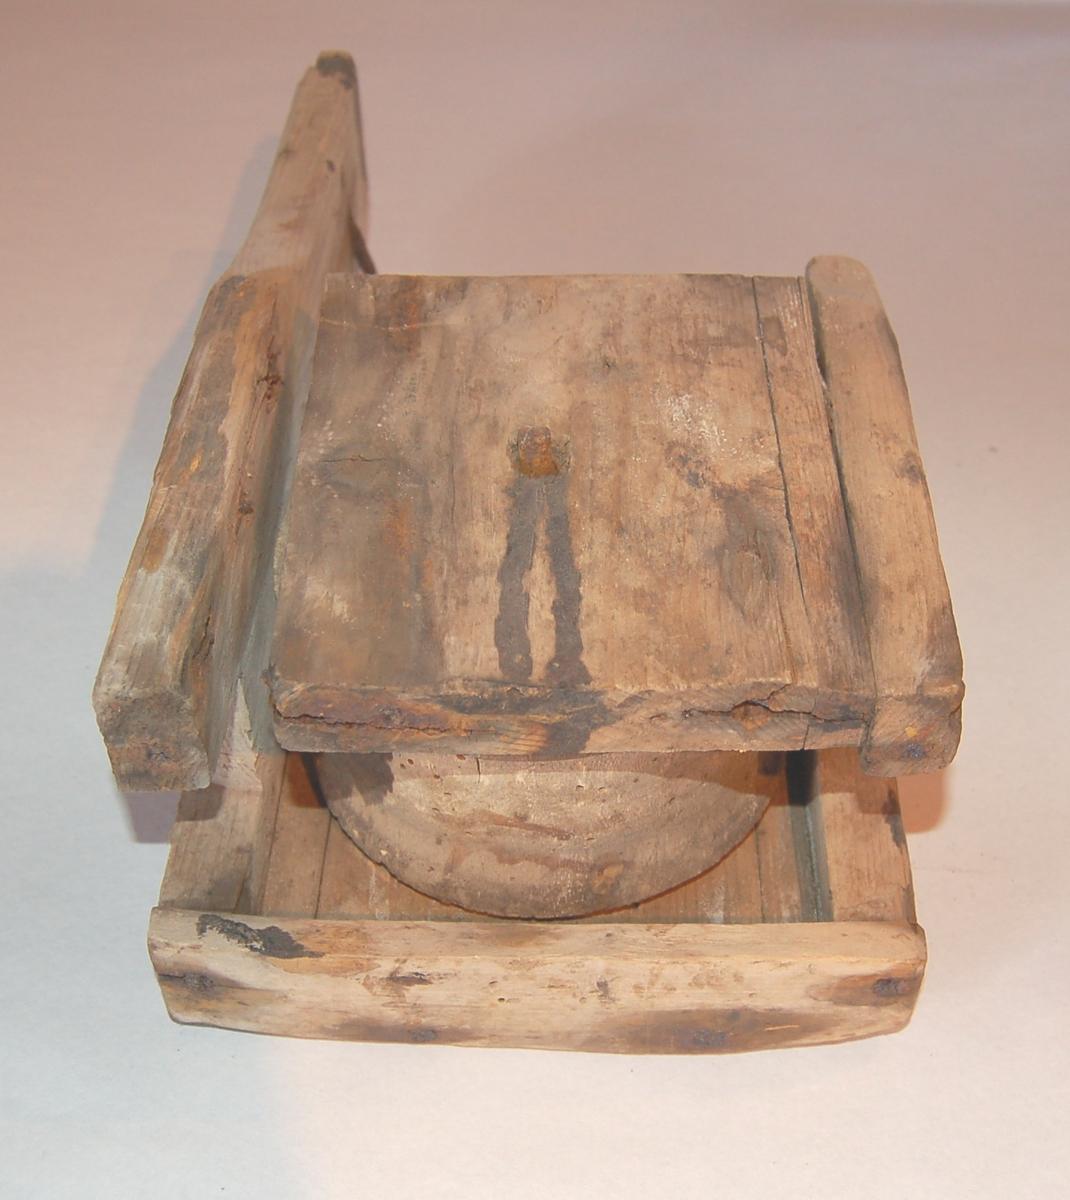 Gjenstanden er ein rull som er innebygd i ei kasse. Denne har to forlenga endevegger som er til å træ nedover ripa på båten. Vabeinet som det i daglegtale blei kalla, blei brukt til å drage inn iler o.l. på åpne båtar.